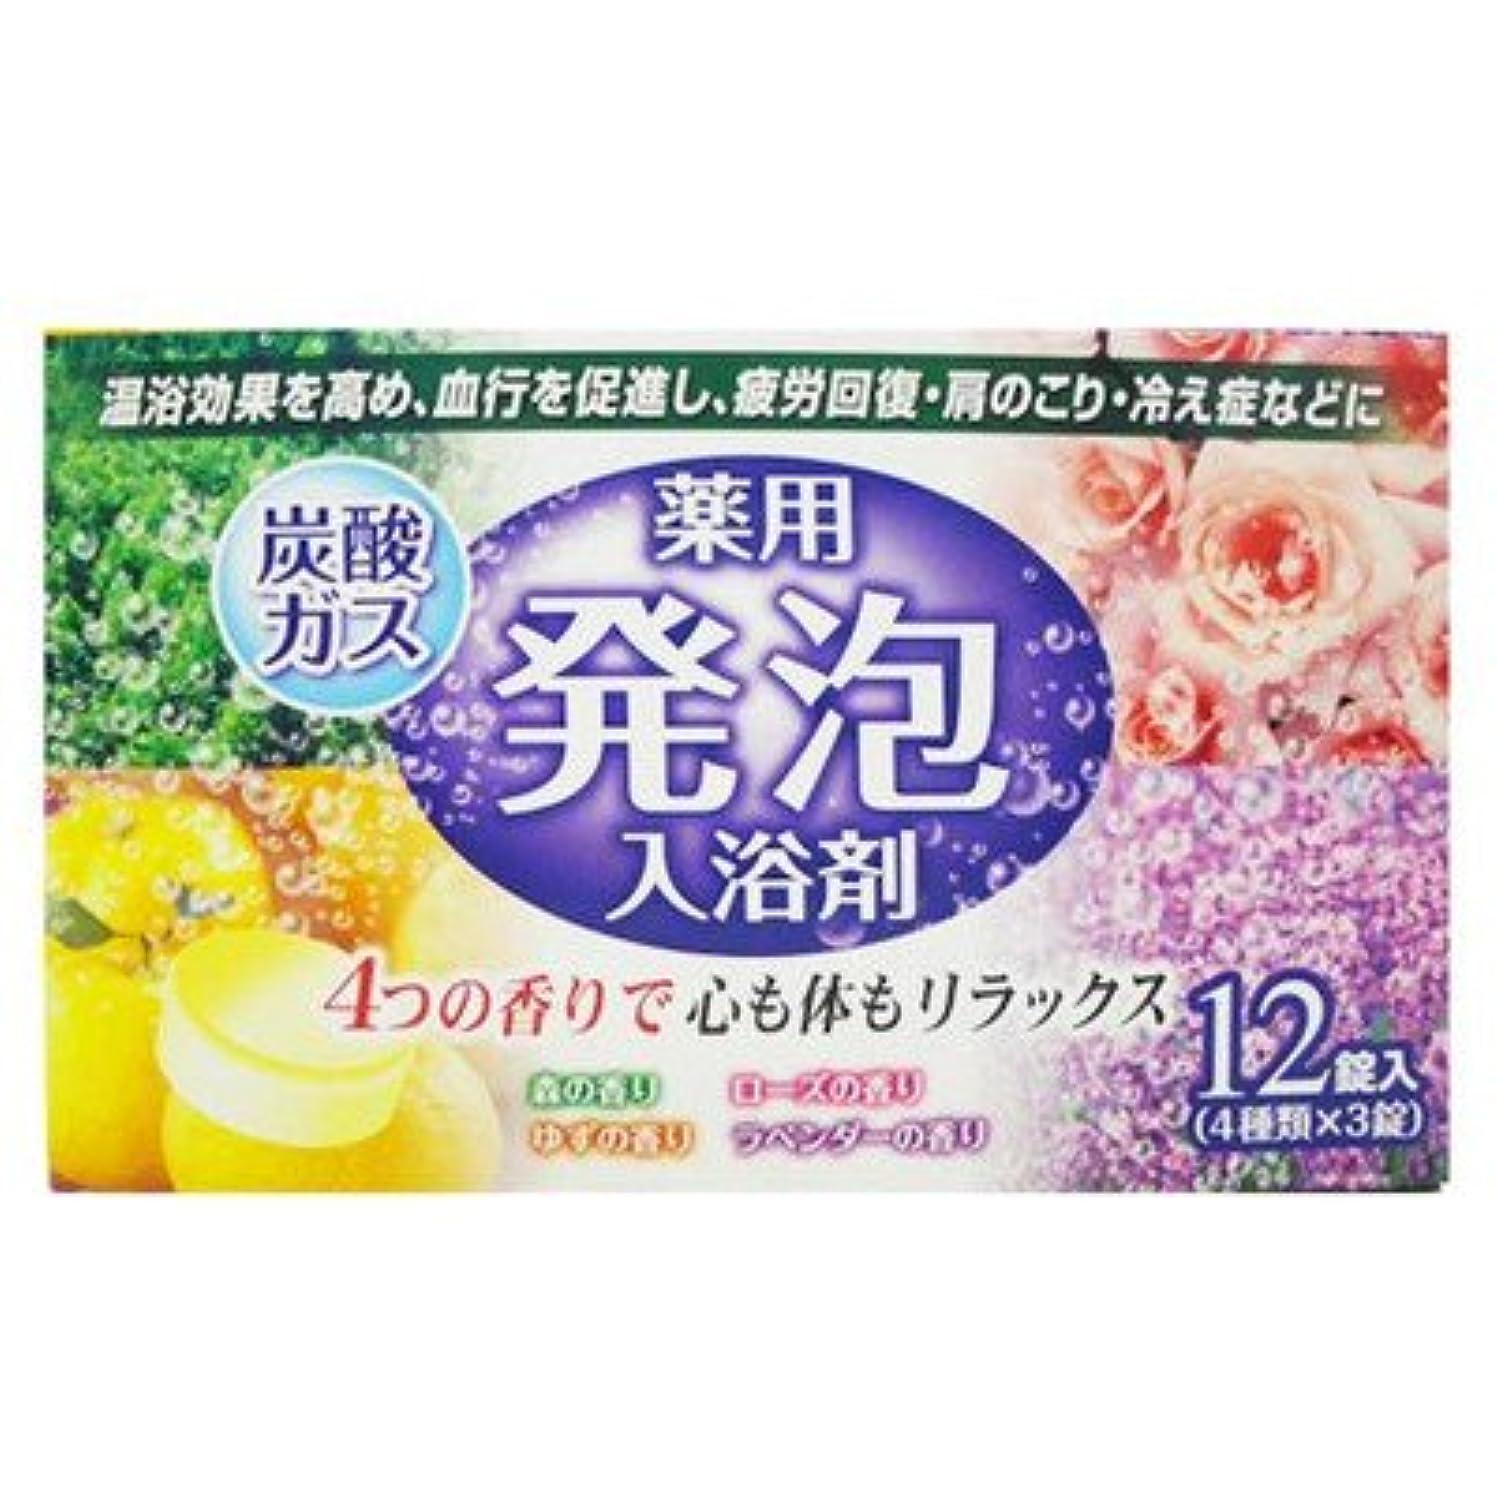 バリー充実さようなら薬用発泡入浴剤炭酸ガス12錠入り4つの香りで心も体もリラックス(4種類×3錠) (リベロ)